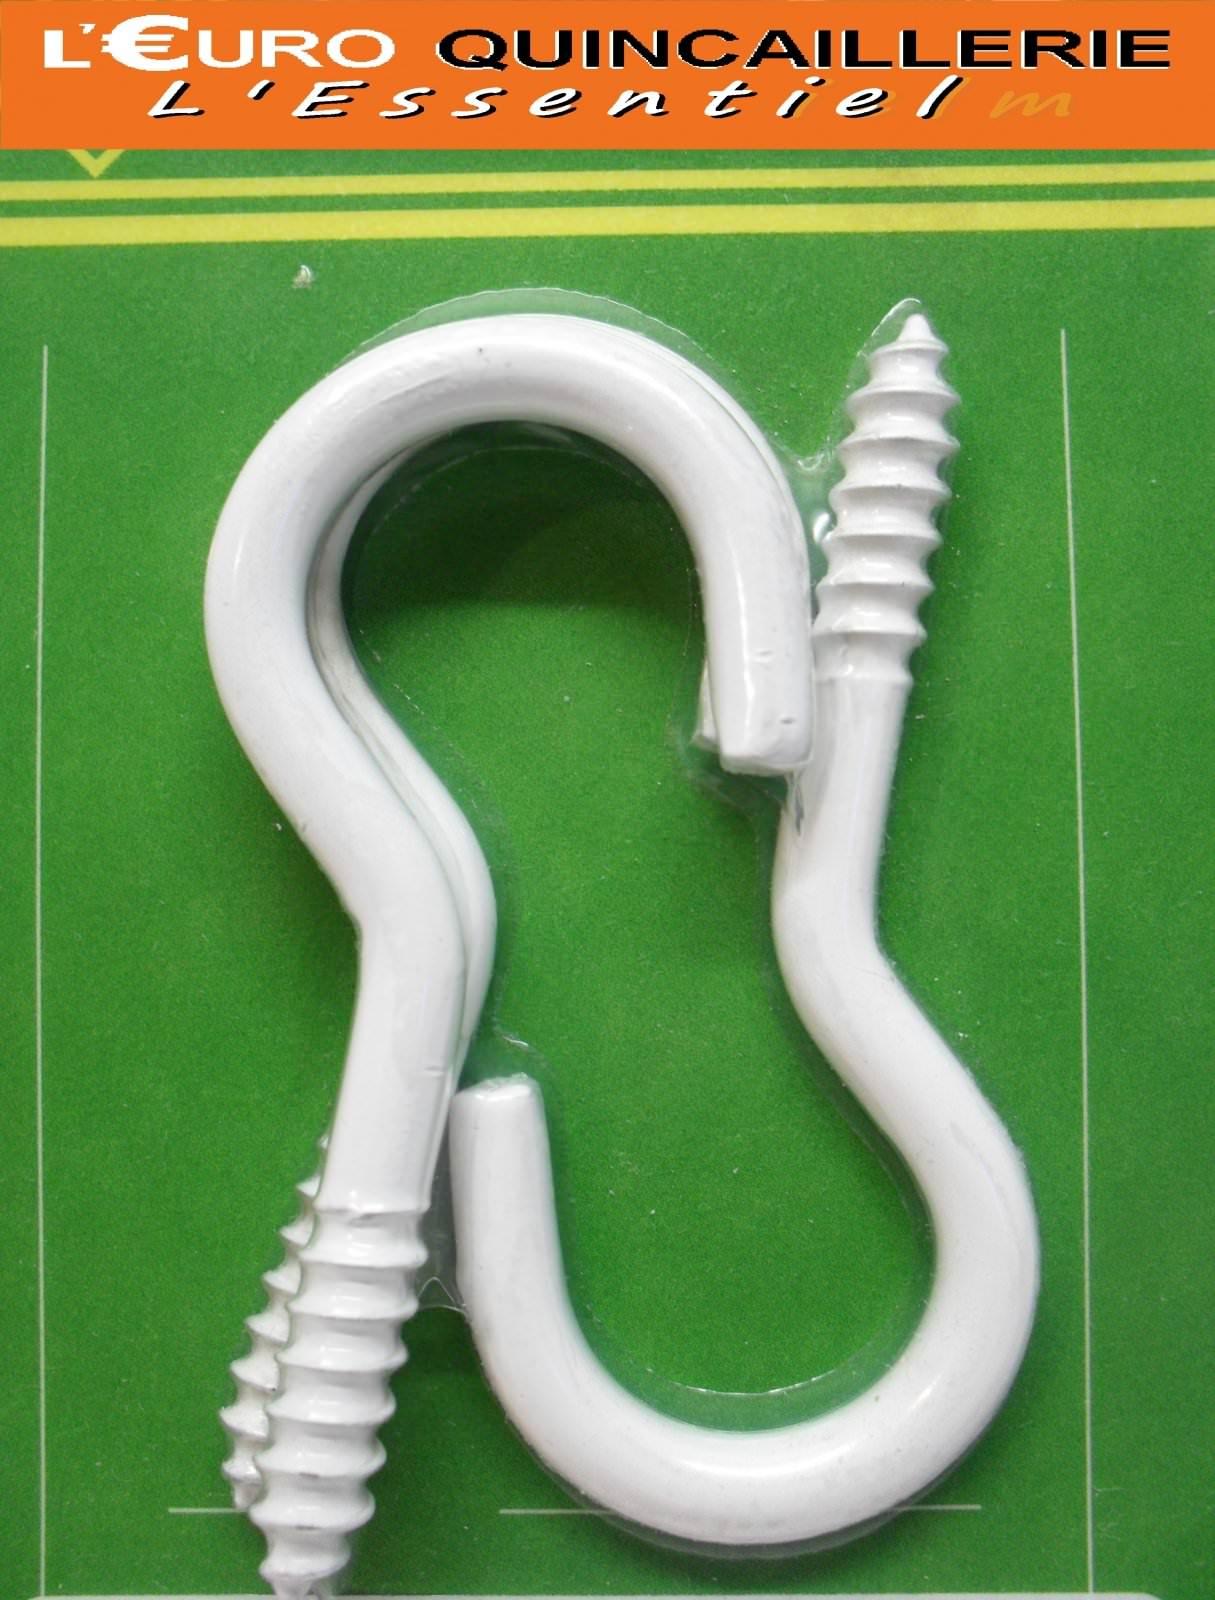 3 Crochets à vis acier plastifié blanc 4,5x35mm